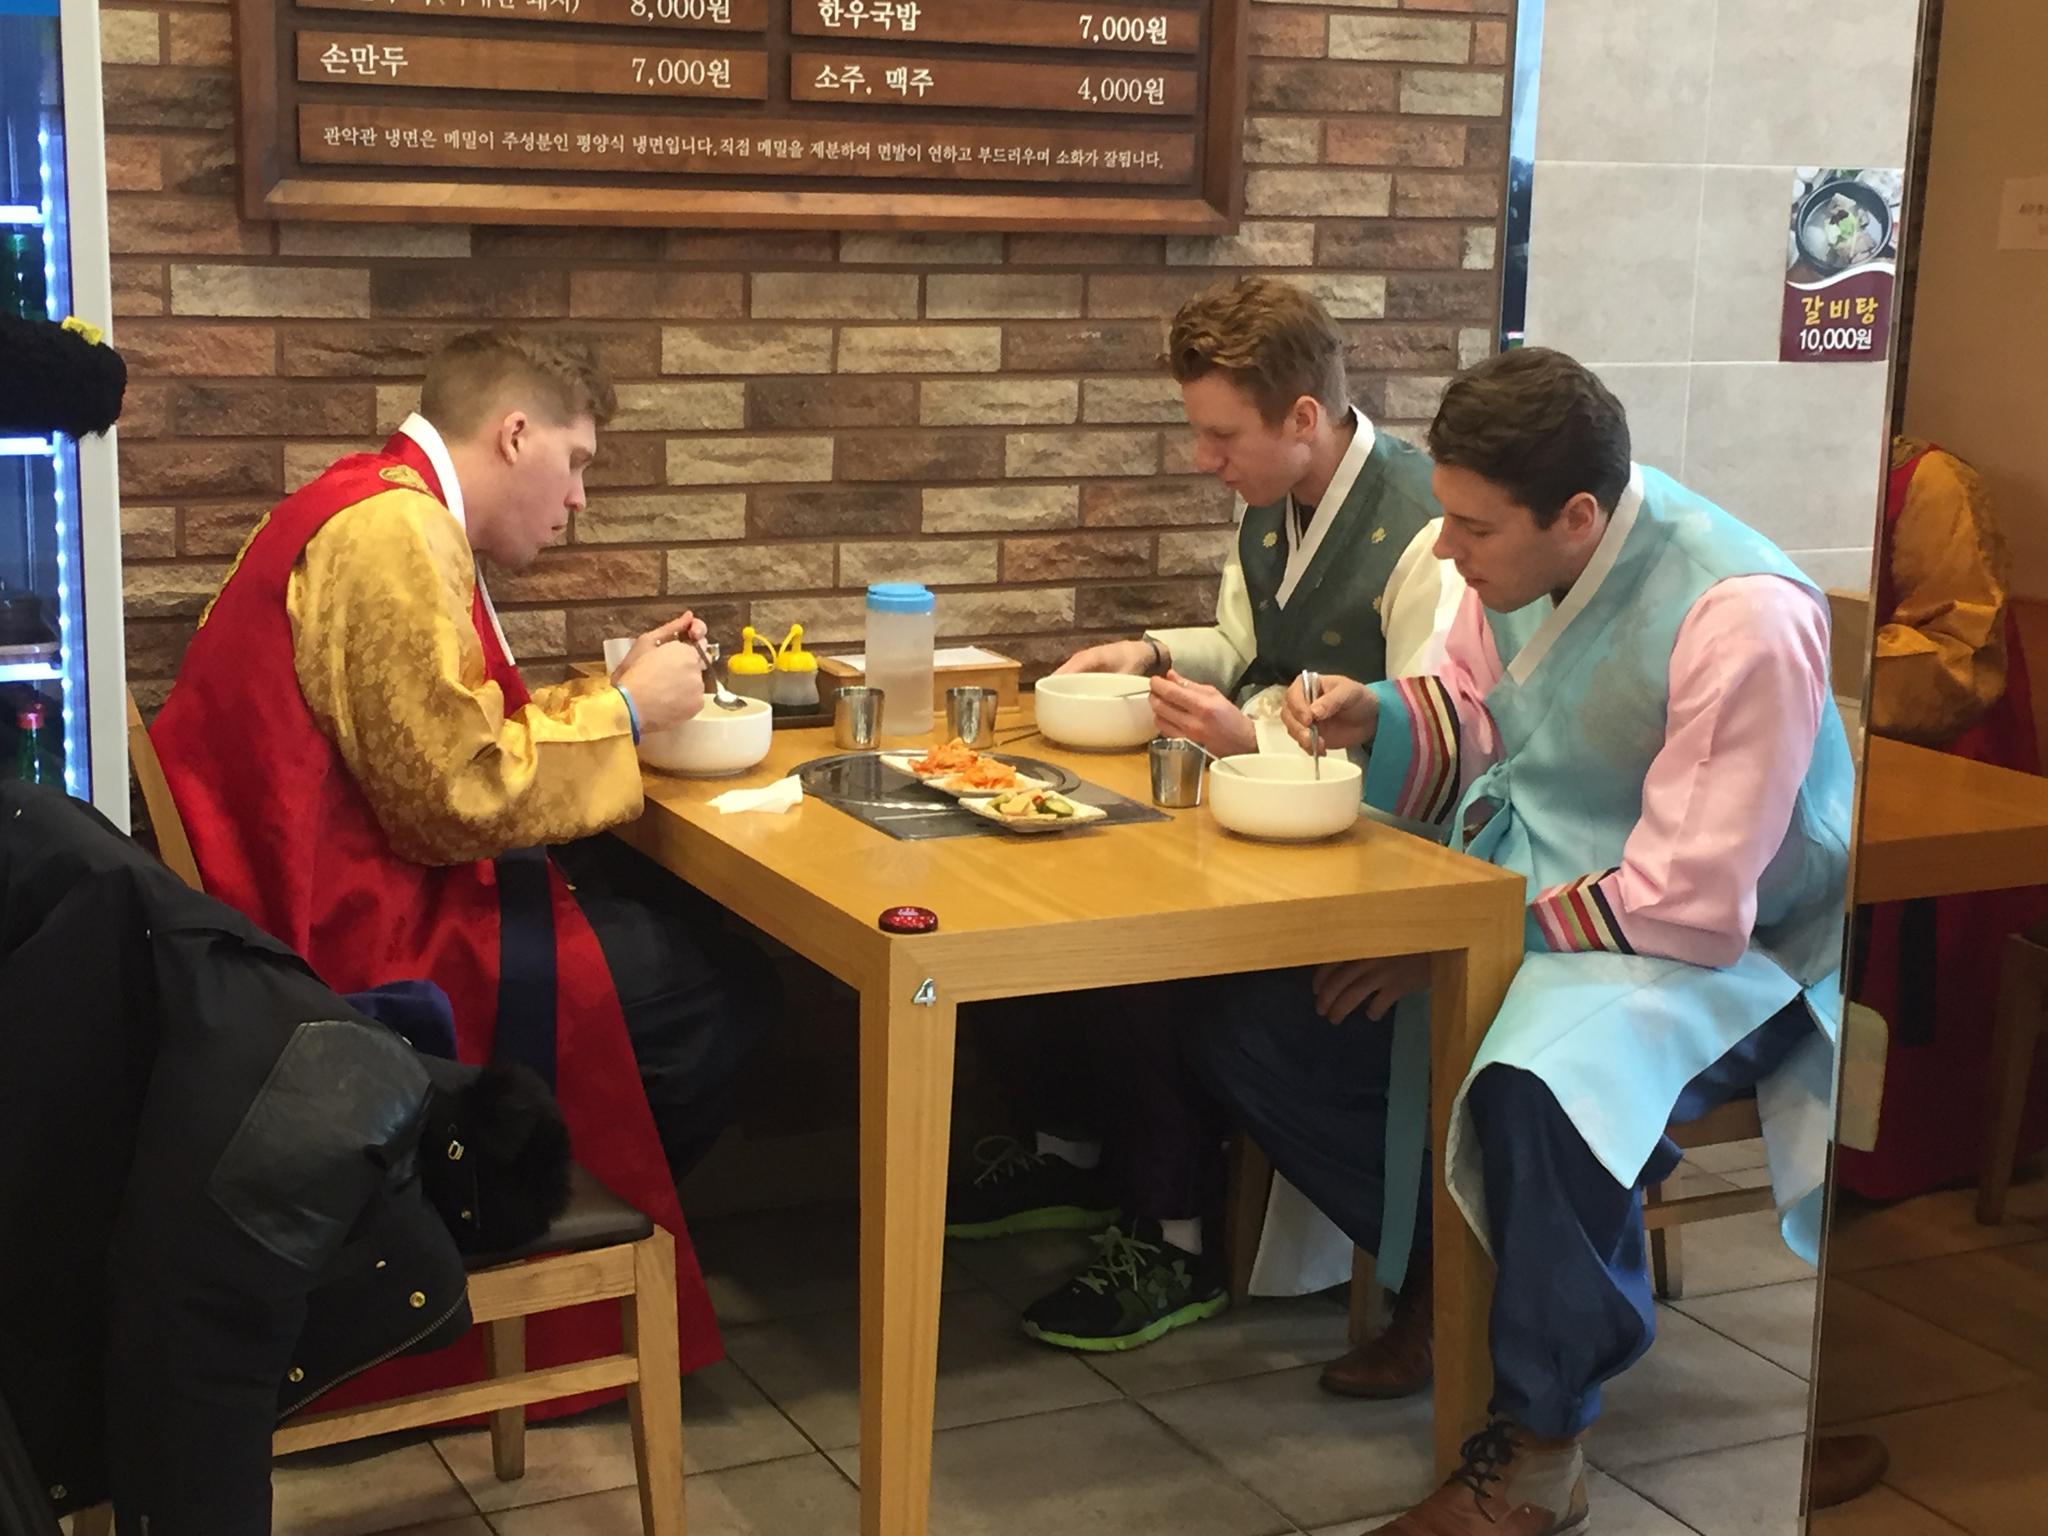 한복을 입고 팀동료들과 한식을 먹는 달튼(왼쪽). [사진 달튼]